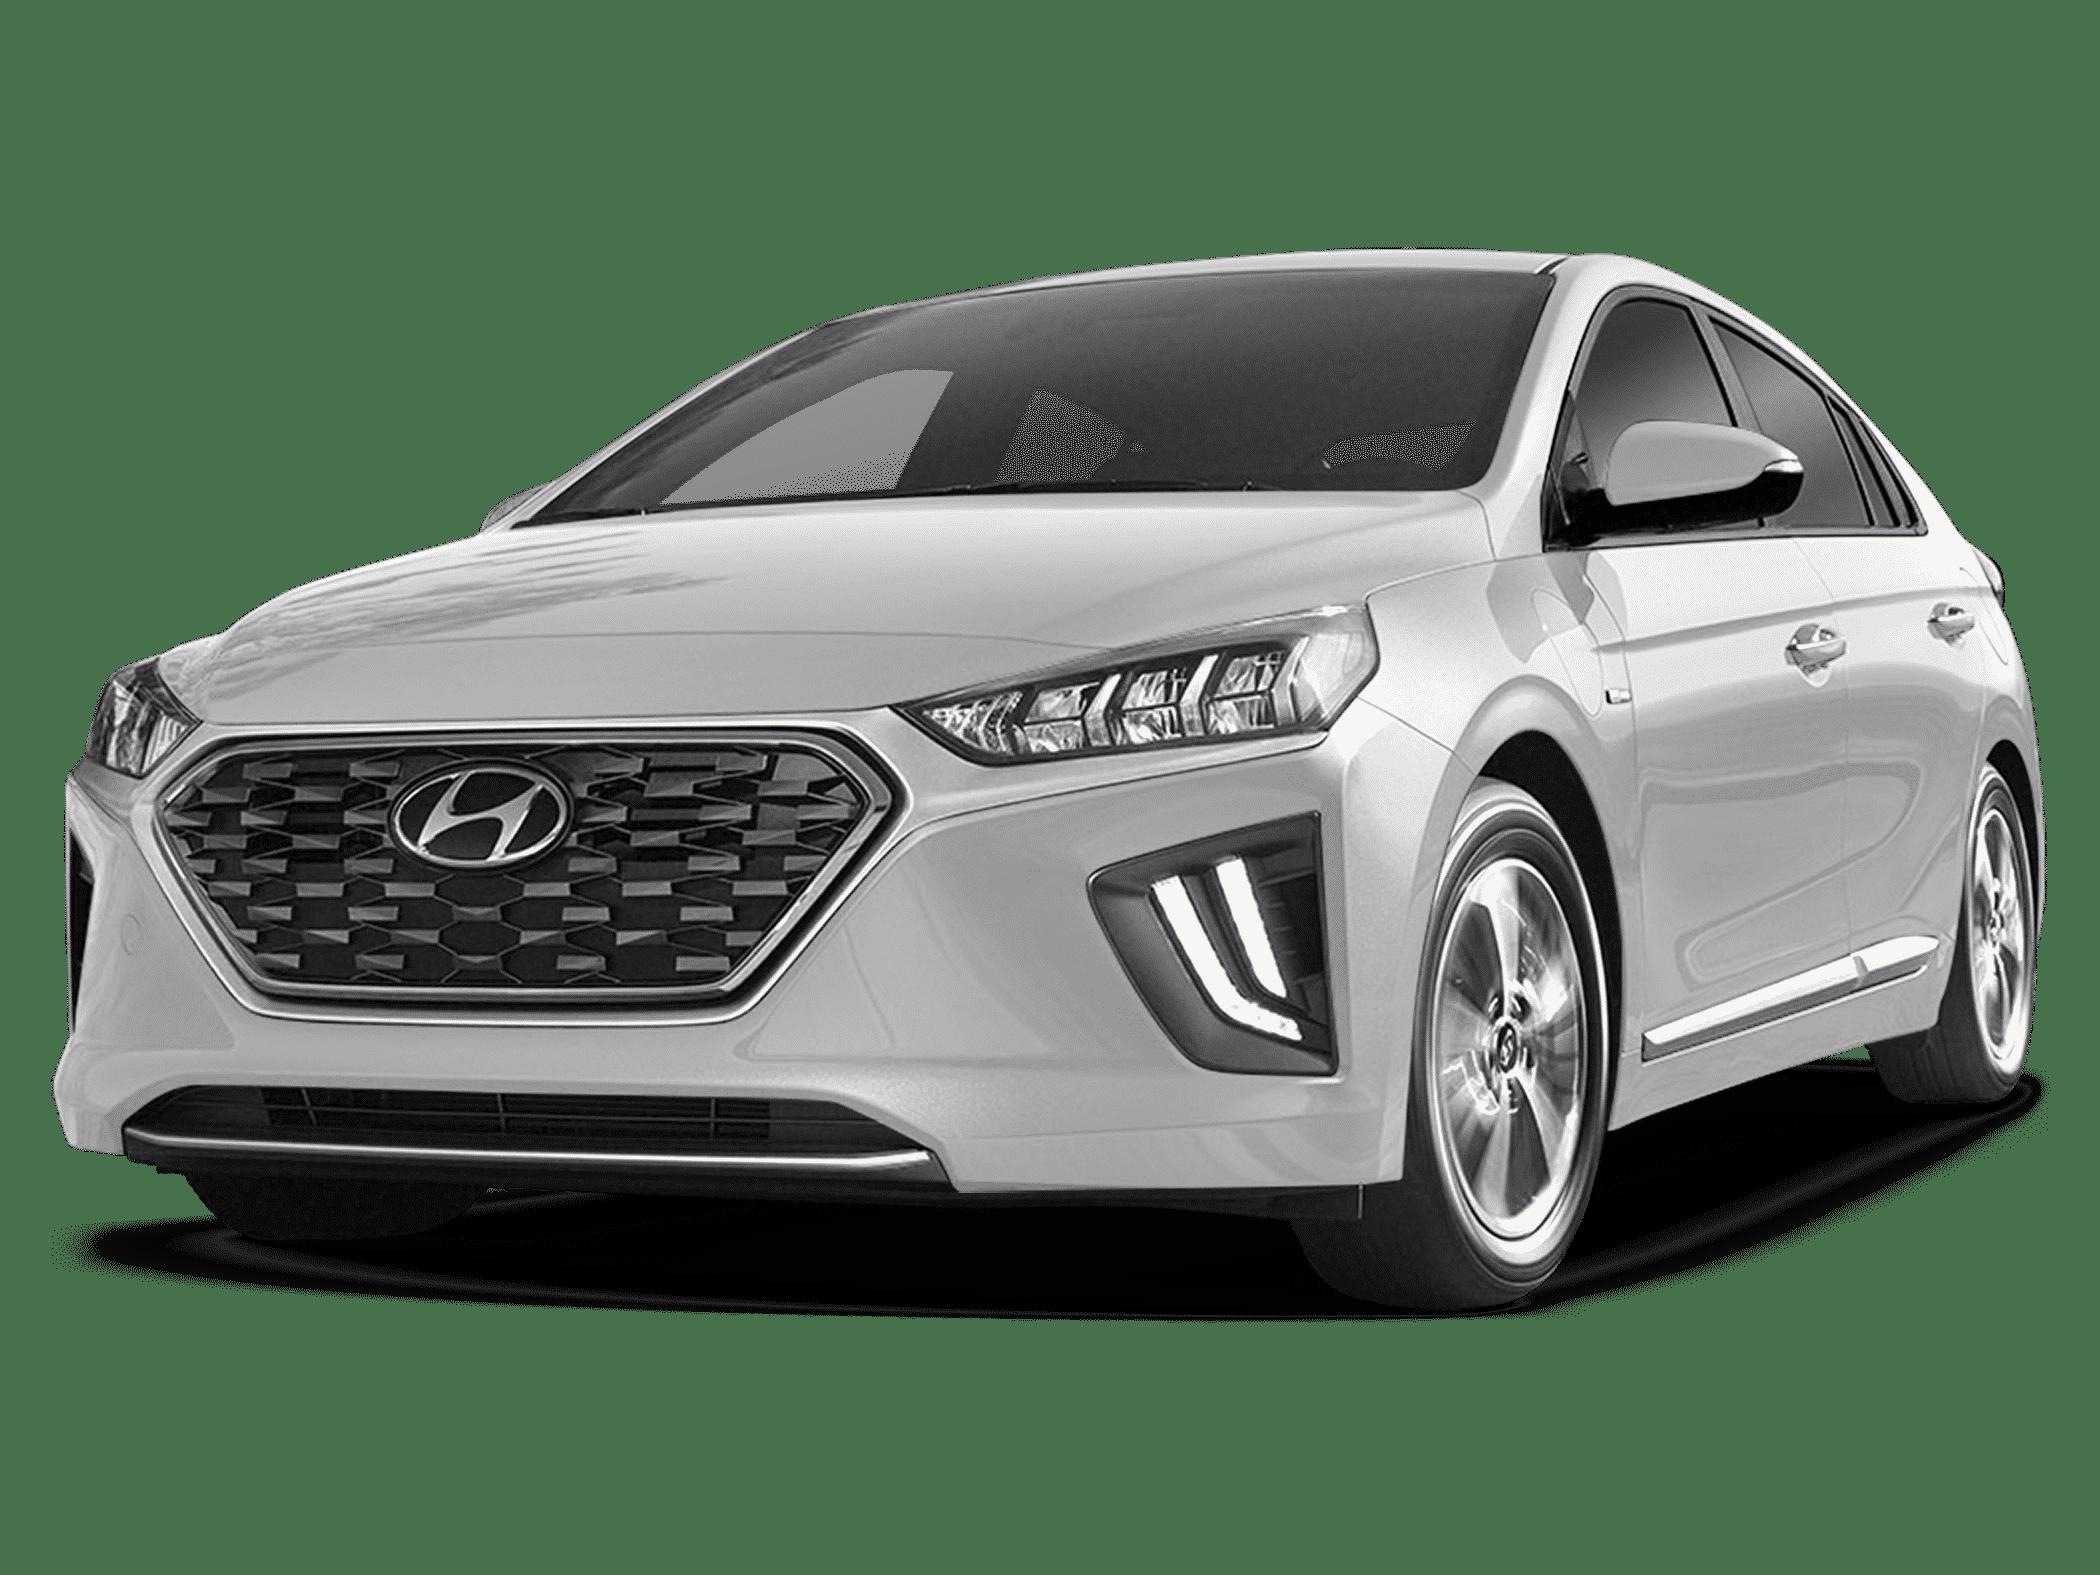 2020 Hyundai Ioniq Dealer Pricing Report